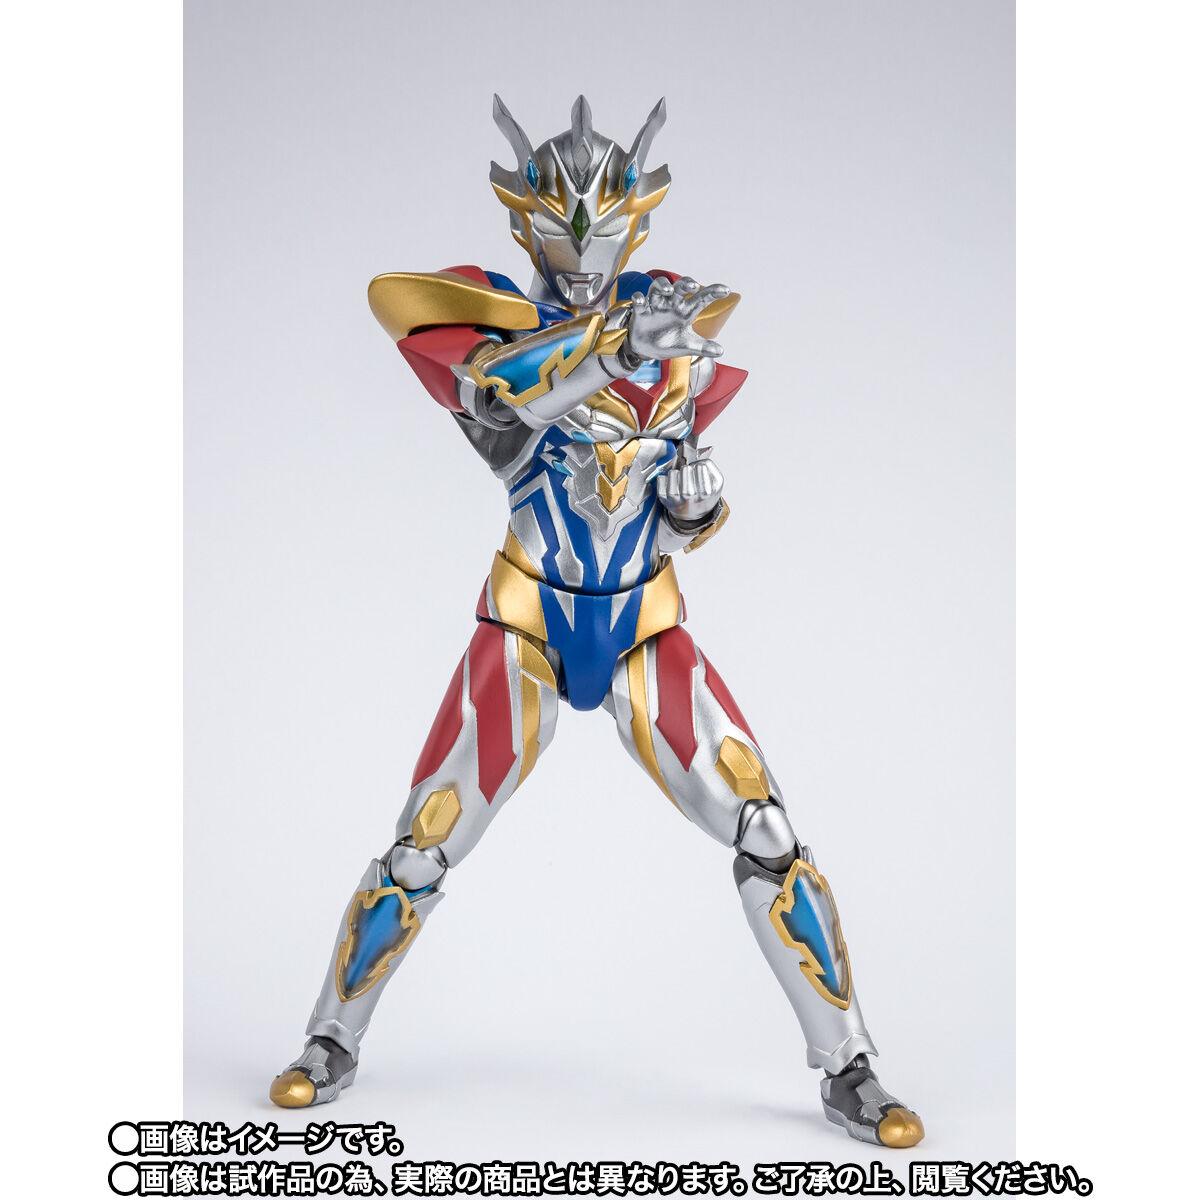 【限定販売】S.H.Figuarts『ウルトラマンゼット デルタライズクロー』ウルトラマンZ 可動フィギュア-003